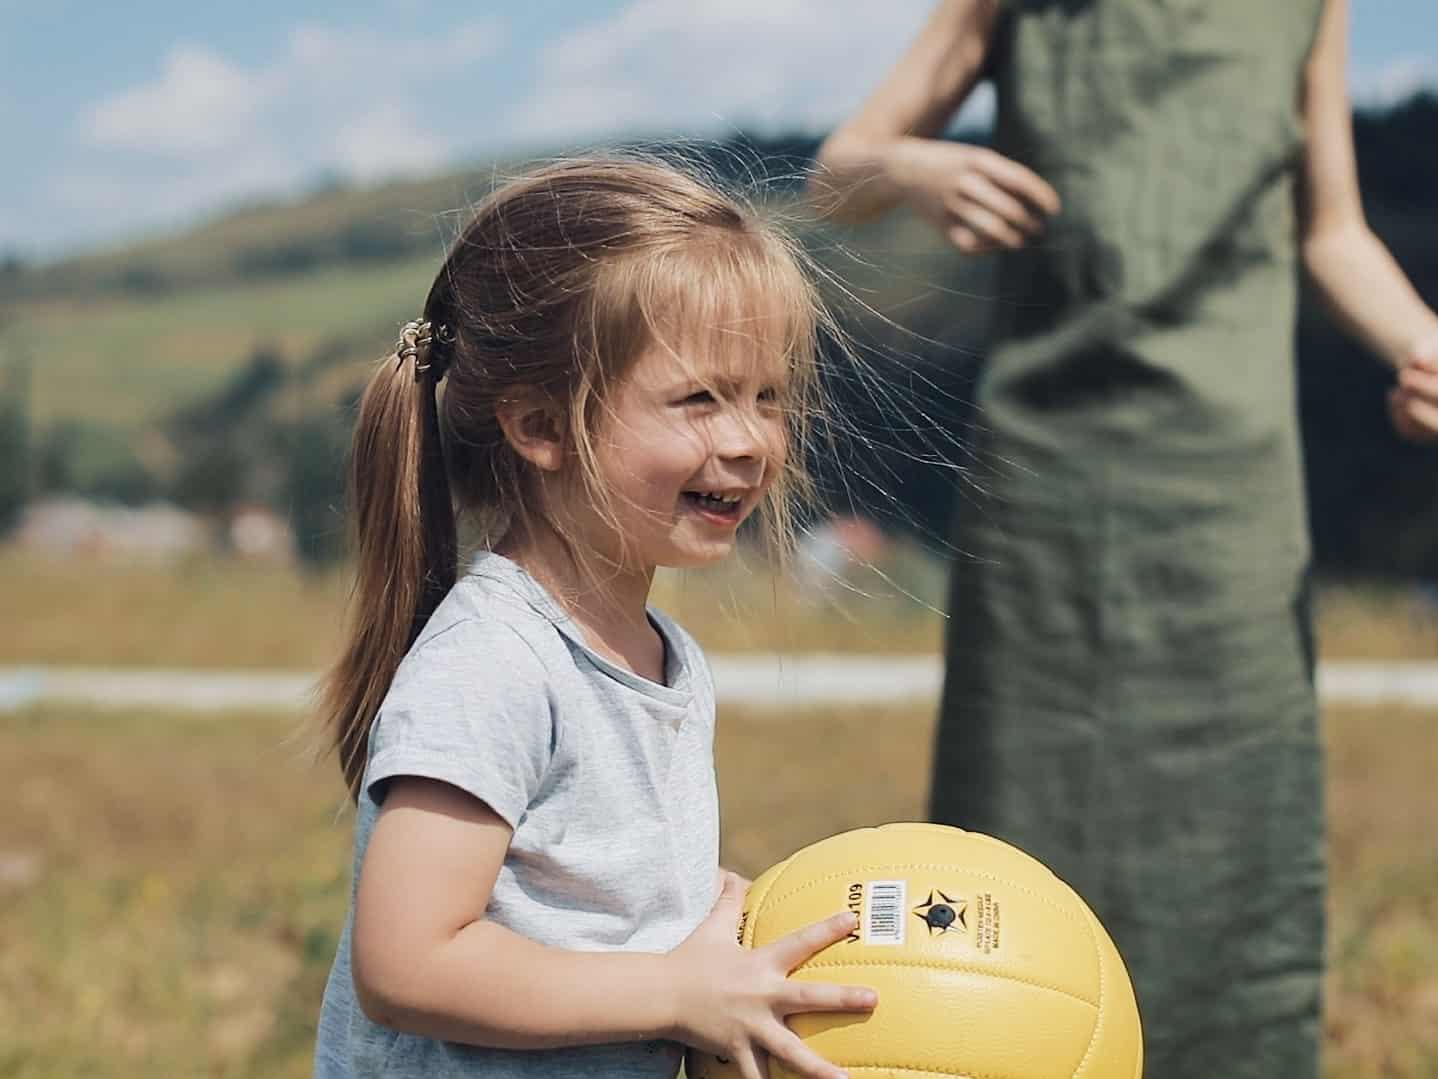 «Щасливою бути легко»: інтерв'ю із блогером АнастасієюЧуприною